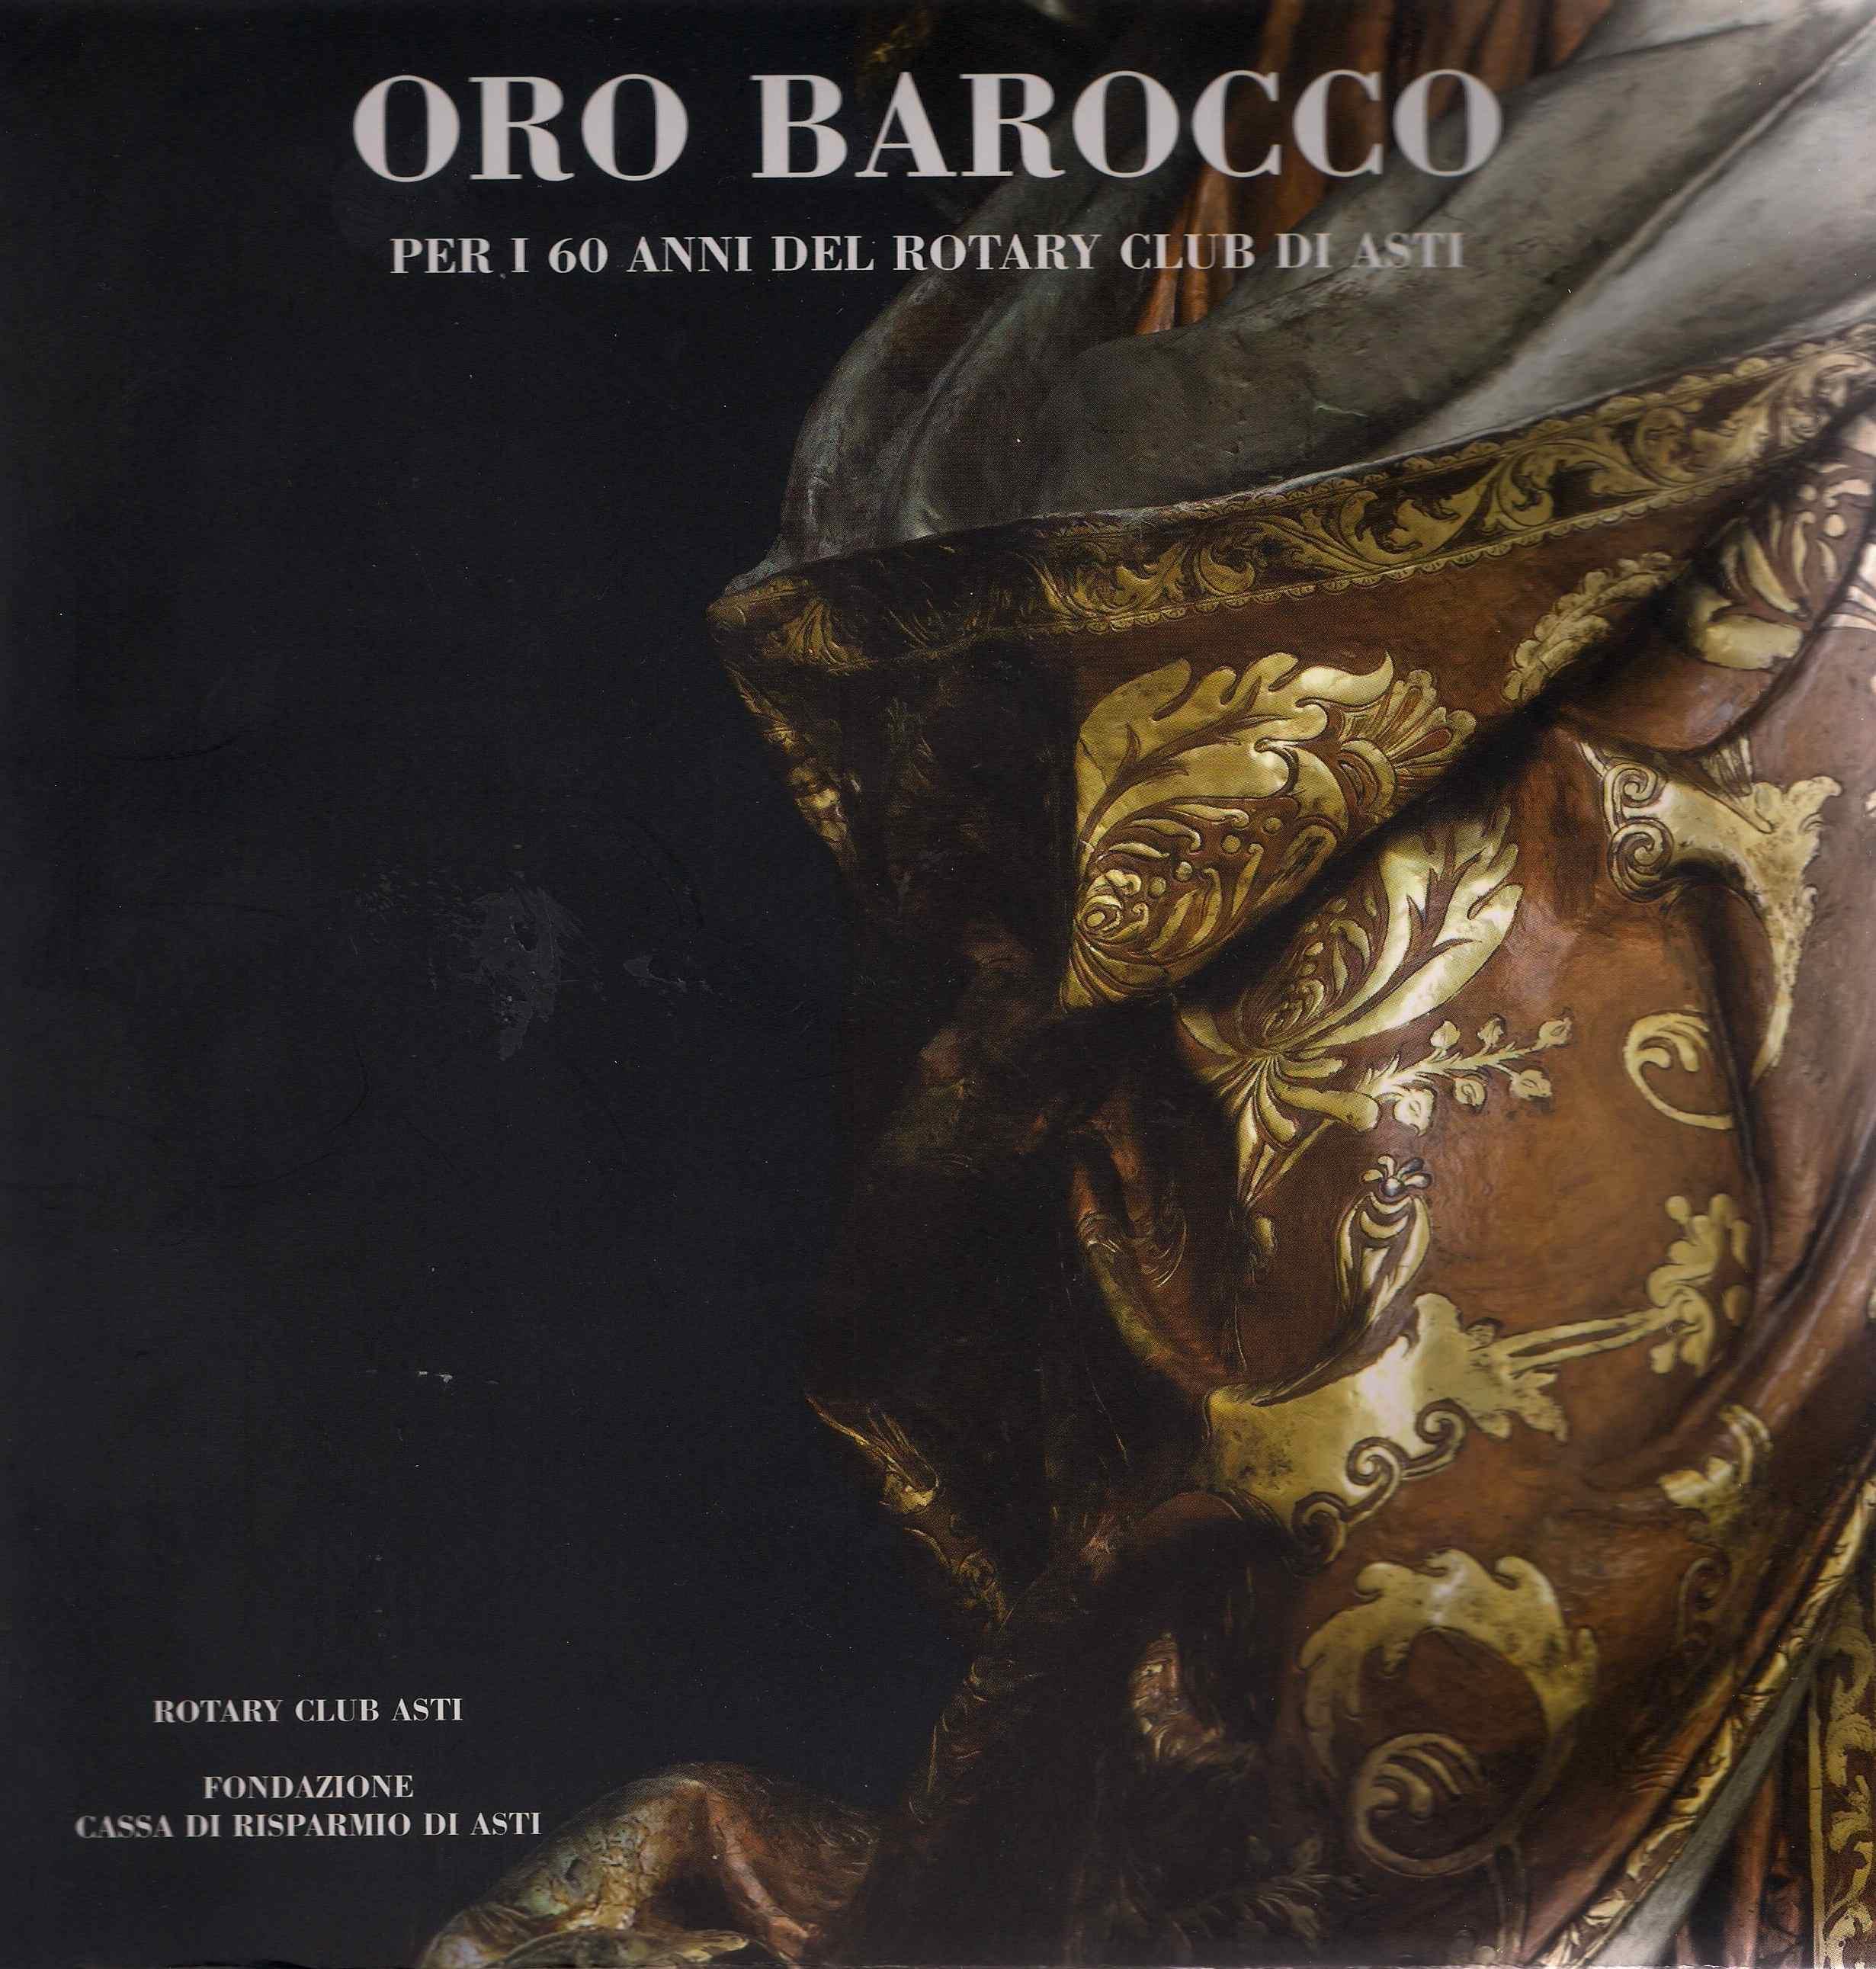 Oro barocco